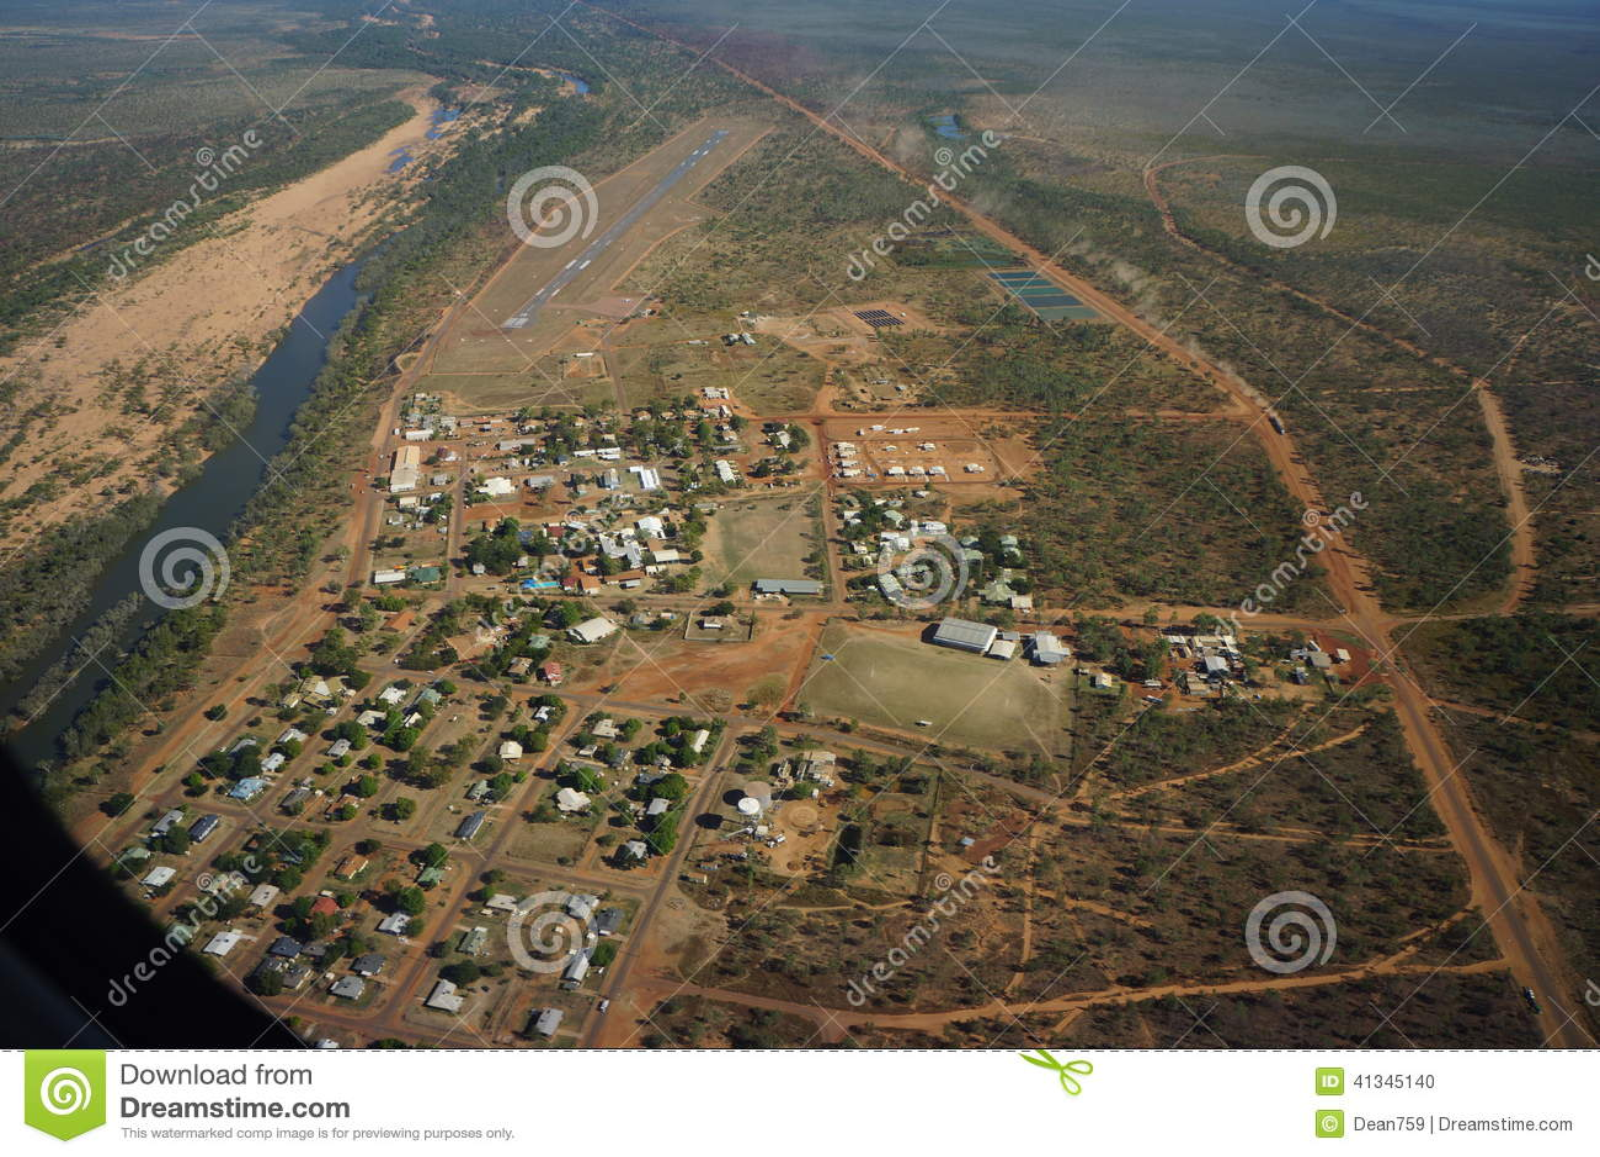 Doomadgee community Queensland Australia